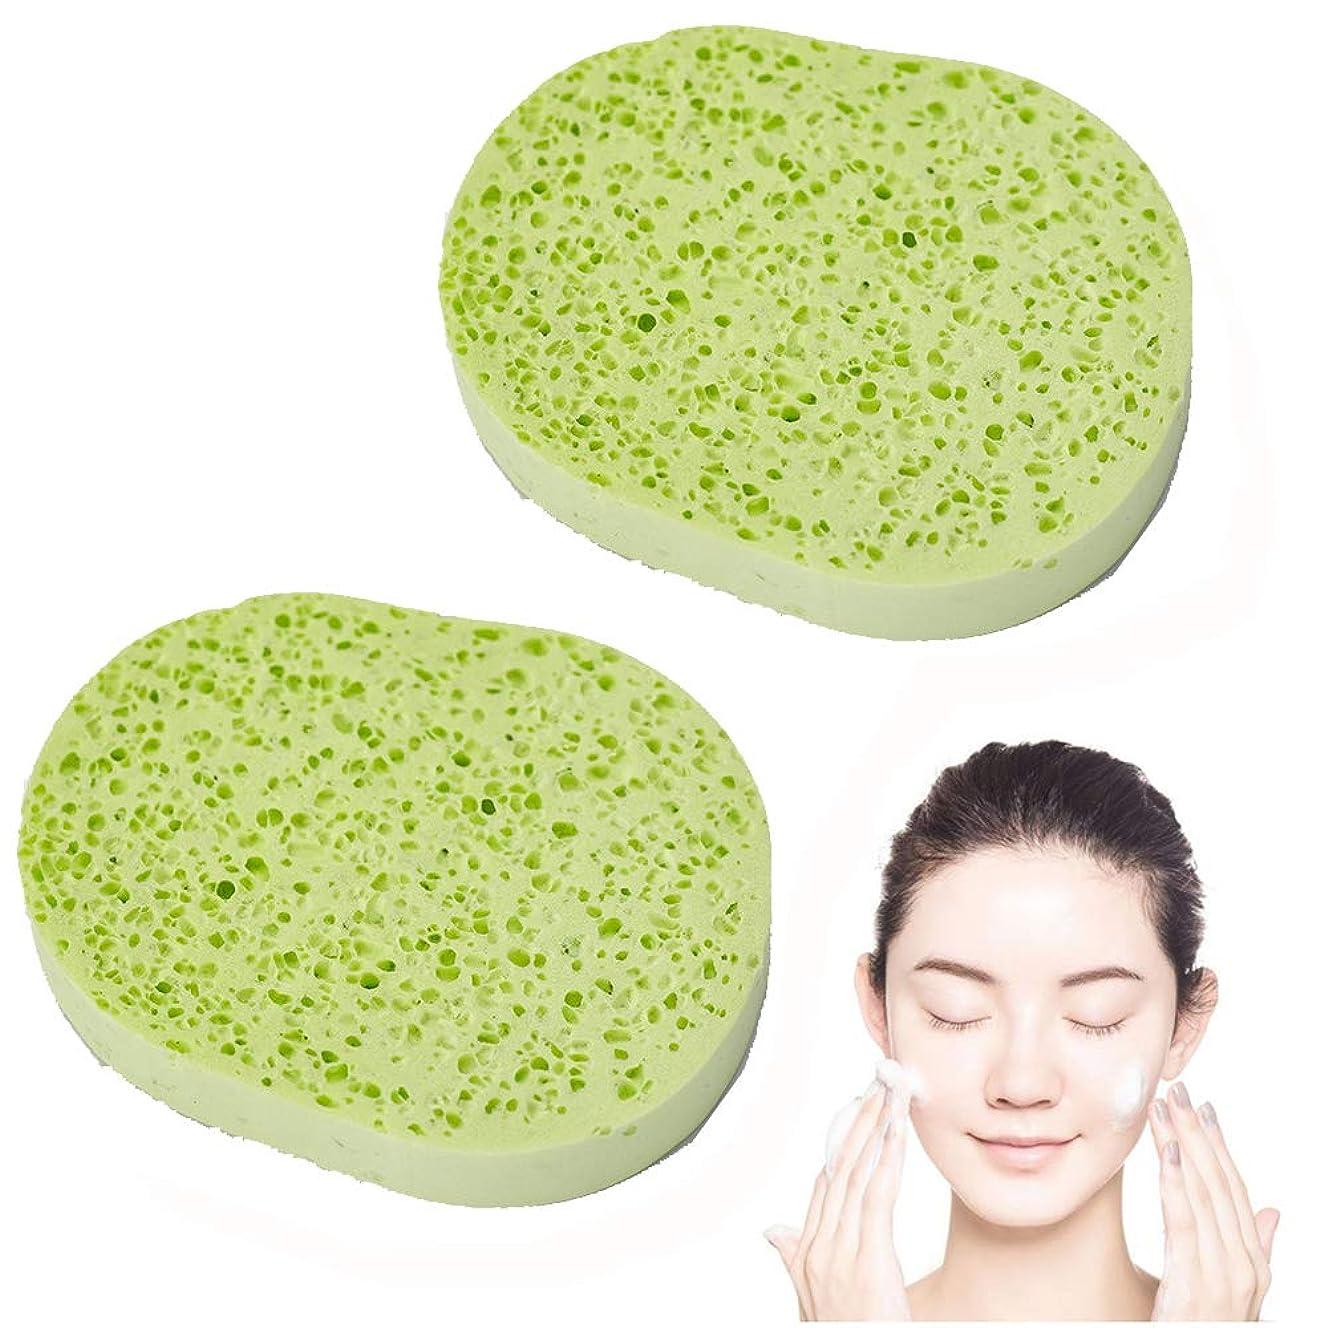 甲虫想起報告書Cikoume スポンジ洗顔 フェイシャルスポンジ クレンジング 2個セット 乾湿両用 化粧をはずす 顔を洗う ボックス付き 洗顔ブラシ